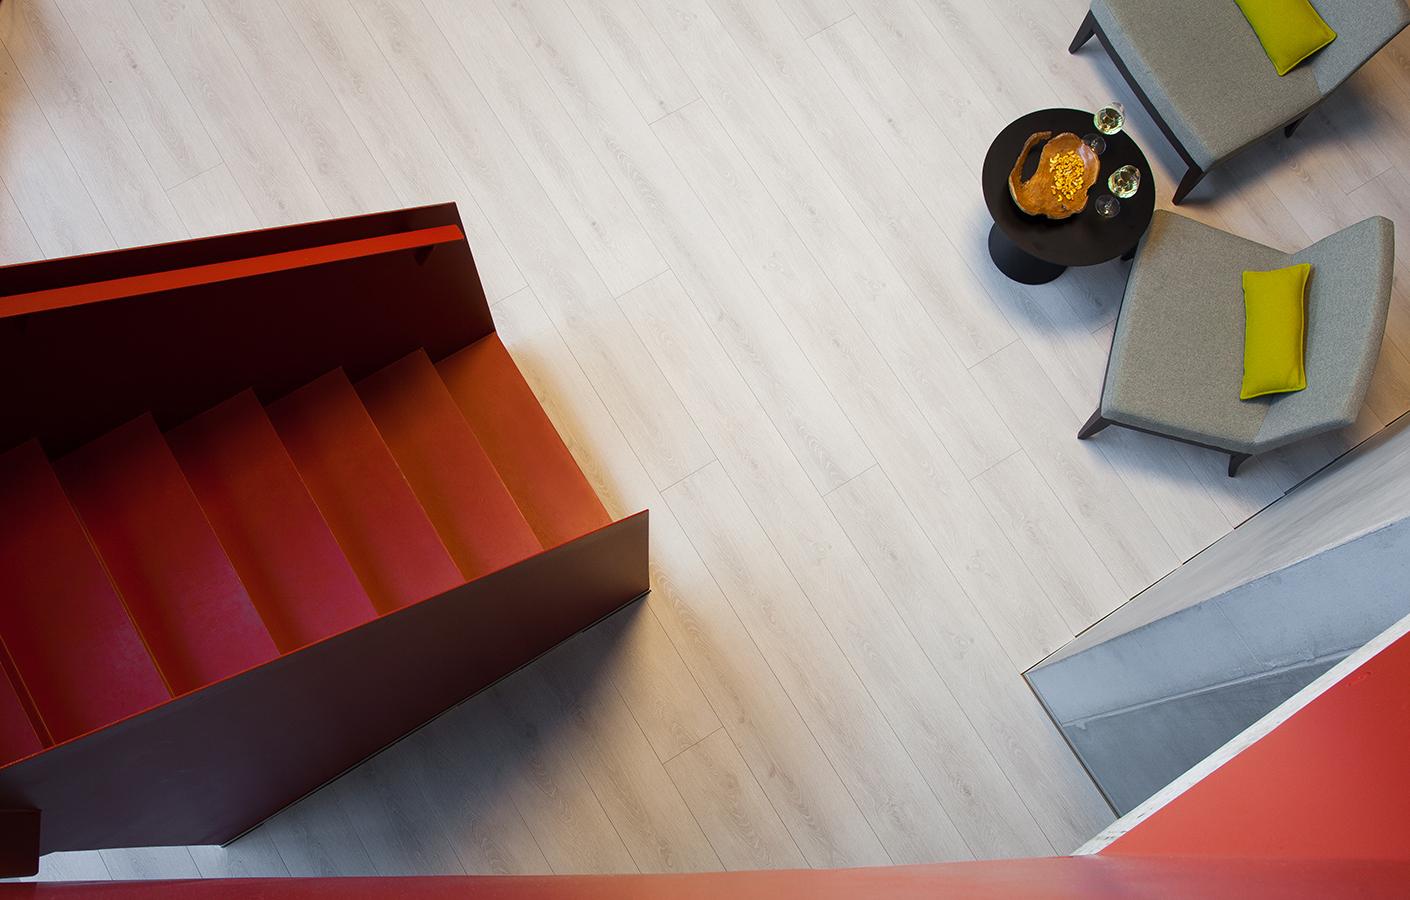 Fußbodenbelag Im Flur ~ Wie wählt man den besten bodenbelag für den eingangsbereich flur